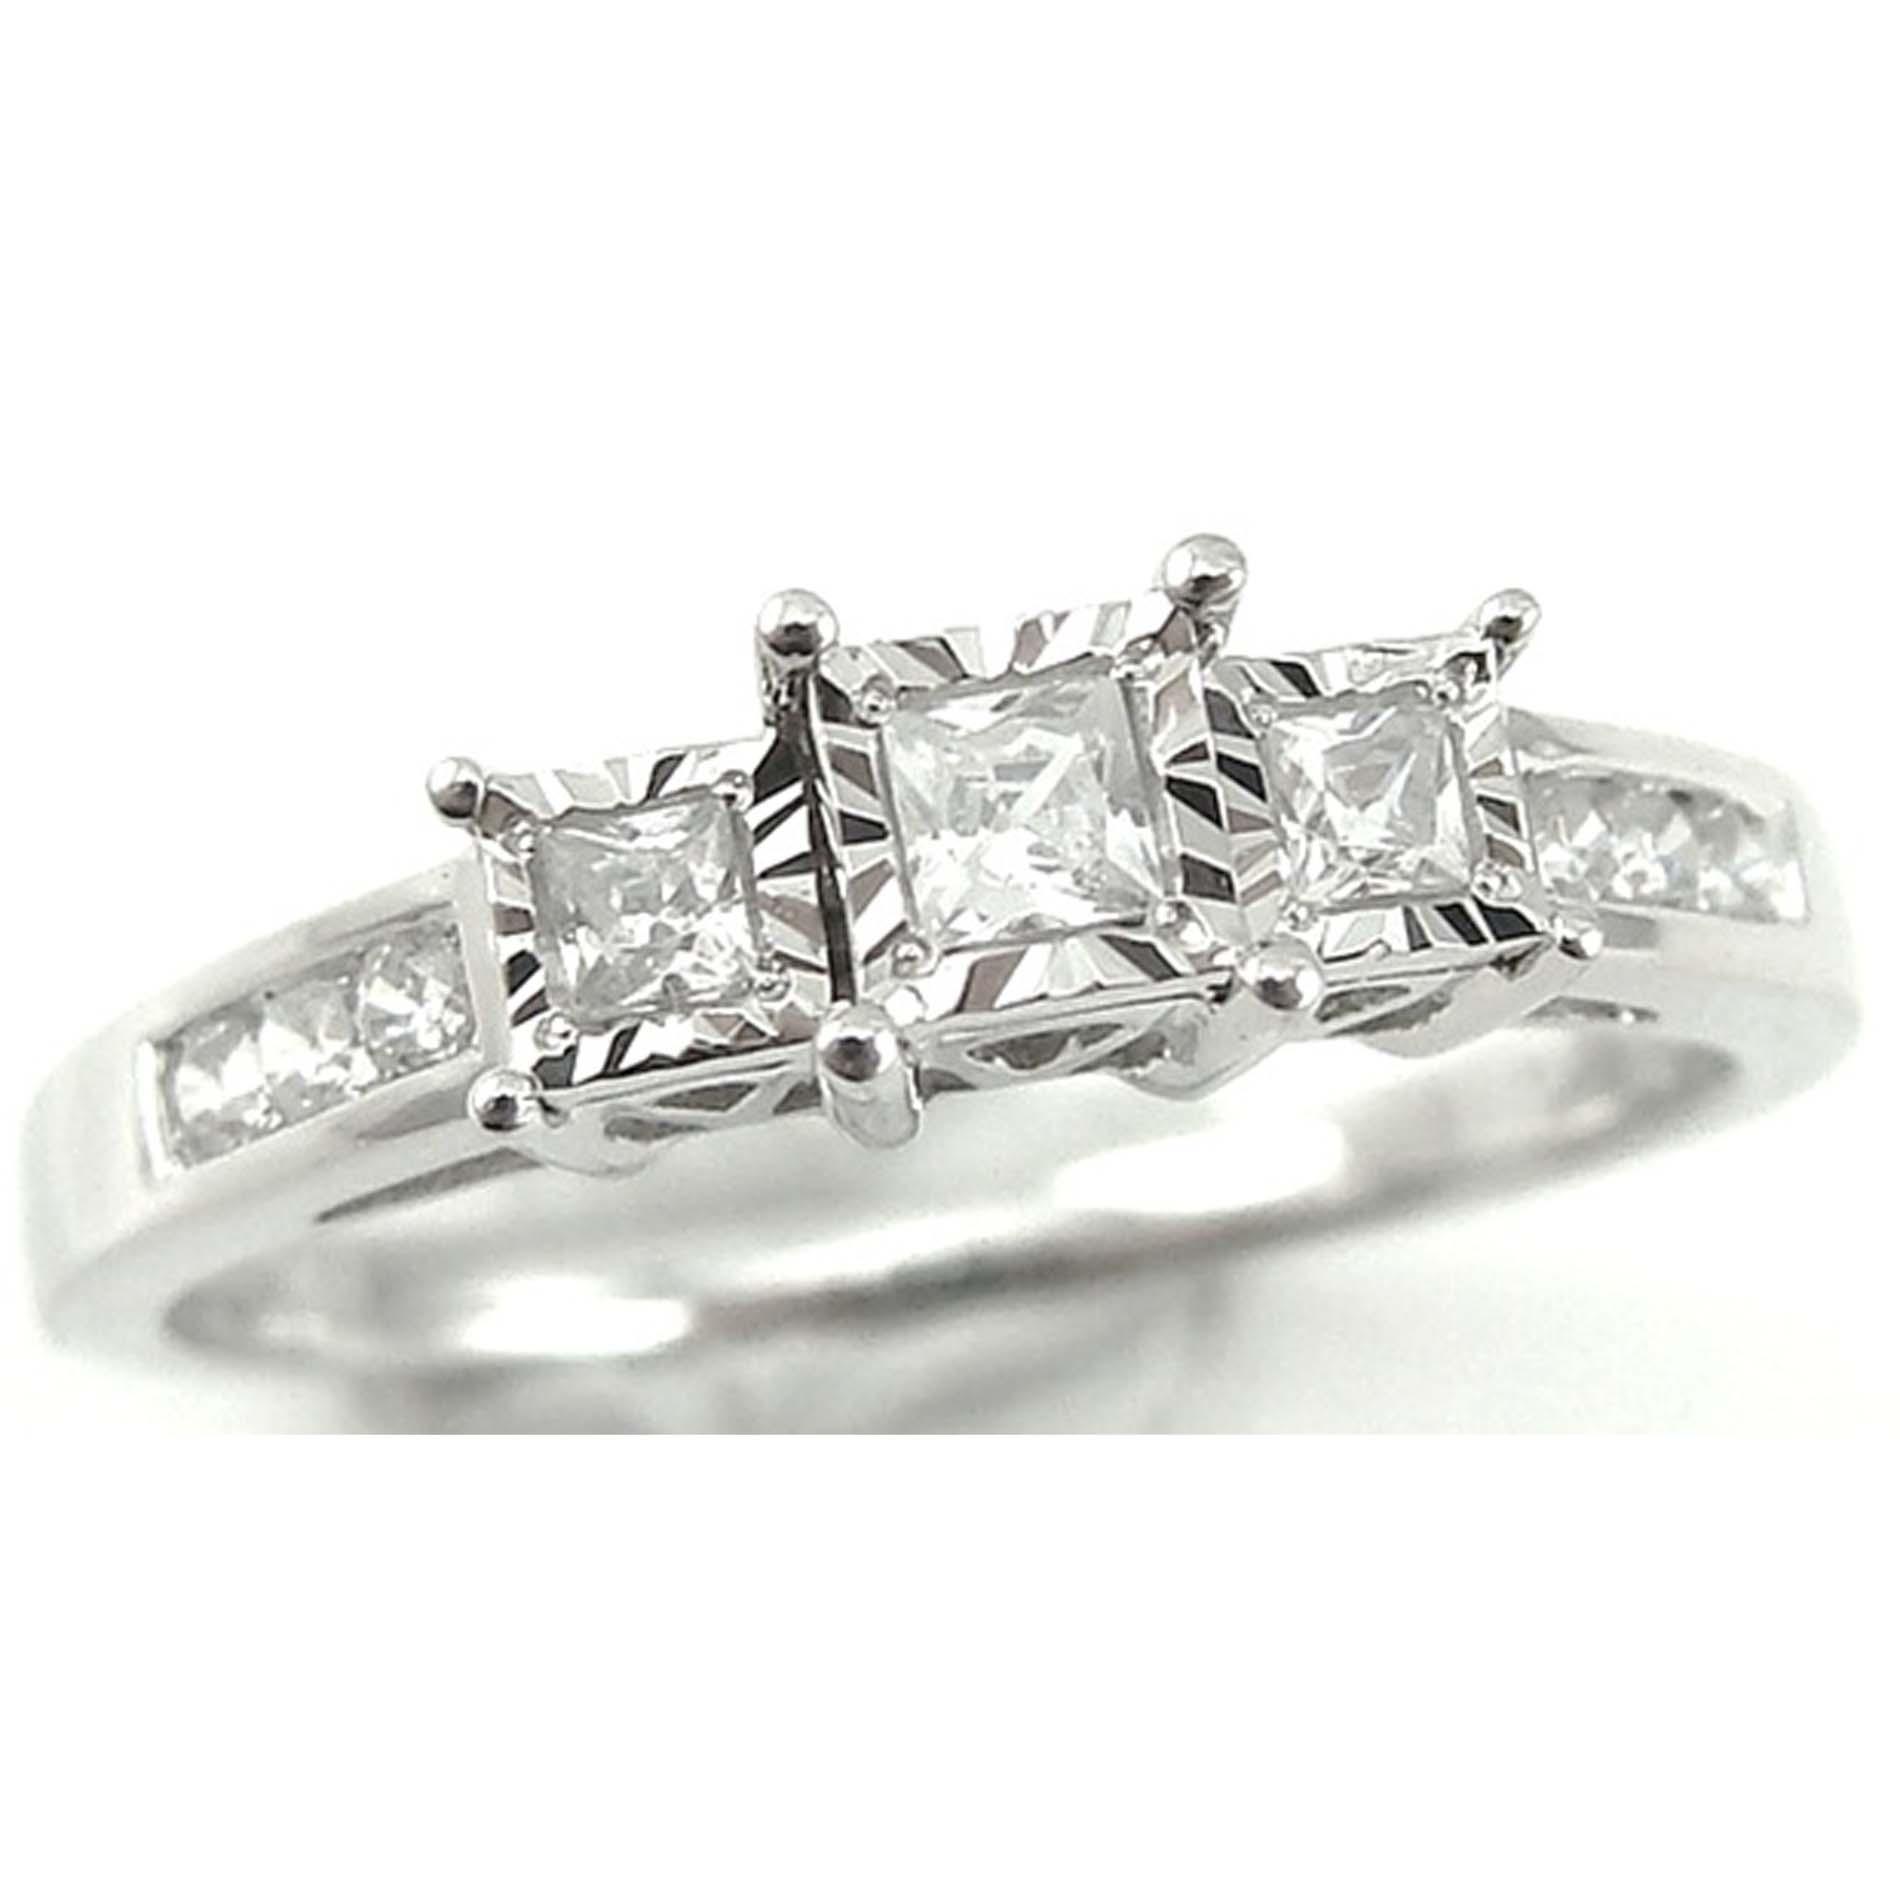 Lovely Heart Shaped Diamond Ring Gold